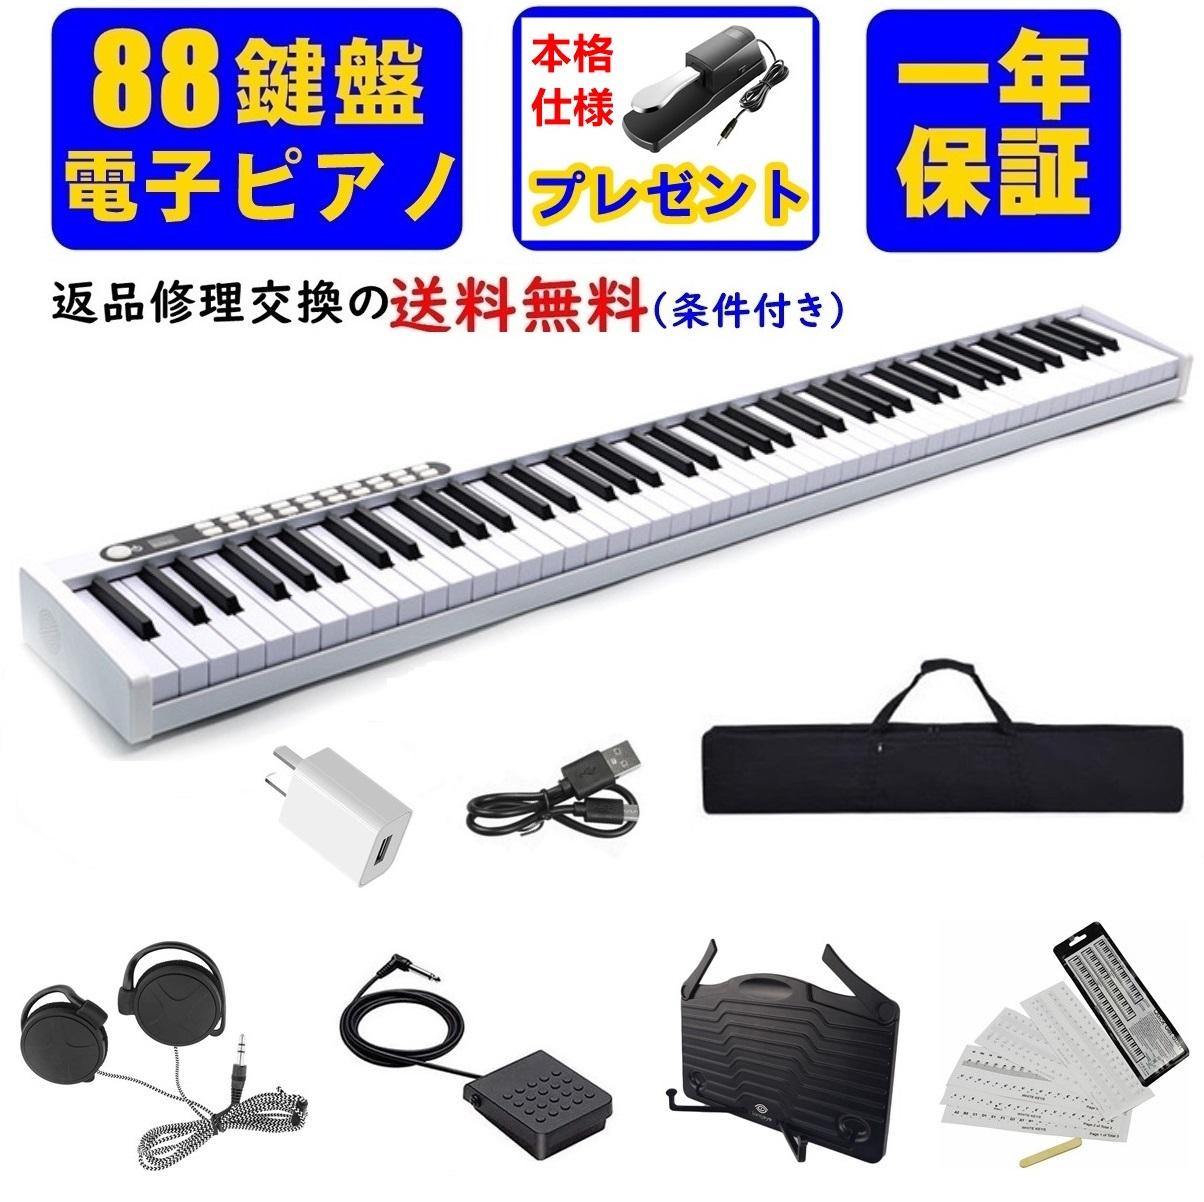 軽量 小型 88鍵盤 電子ピアノ Longeye MID 対応 デジタルピアノ モデル着用&注目アイテム キーボード 電子 1年保証 初心者 信用 バッテリ内蔵 充電式 白 練習 子供 ペダル 譜面台 ソフトケース